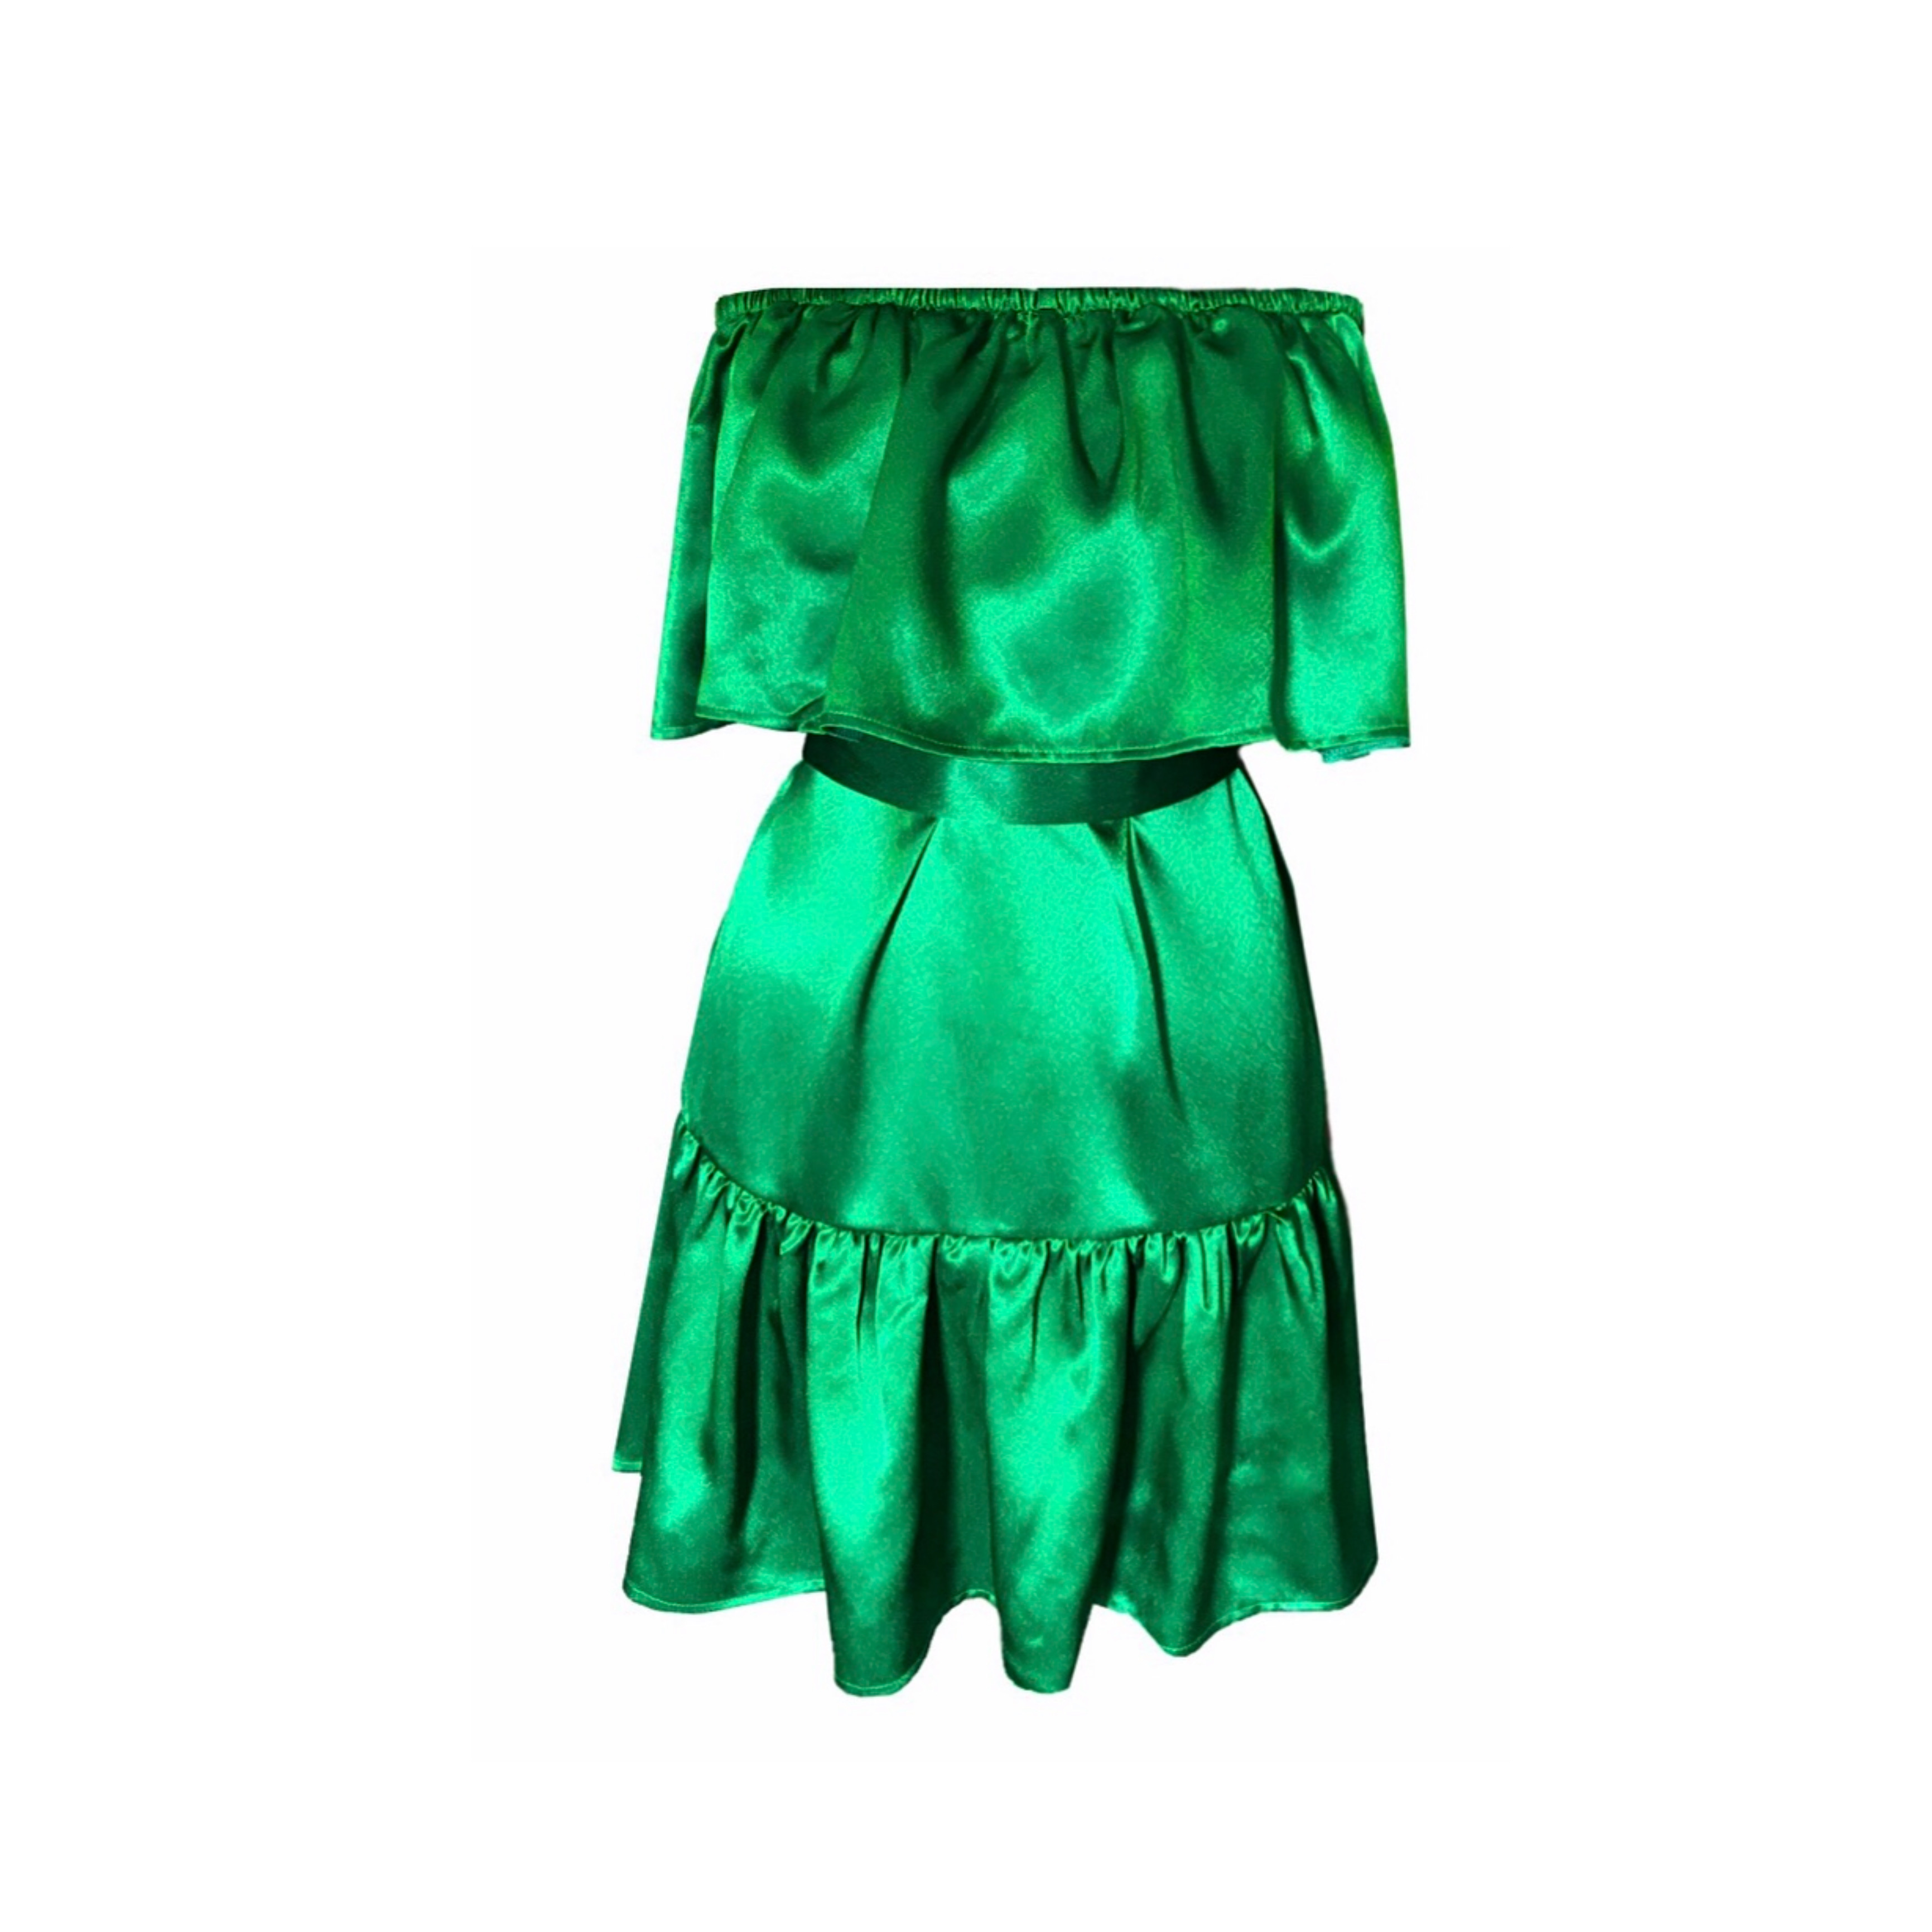 DIDEMΛYDIN Saten Yeşil Kısa Boy Elbise